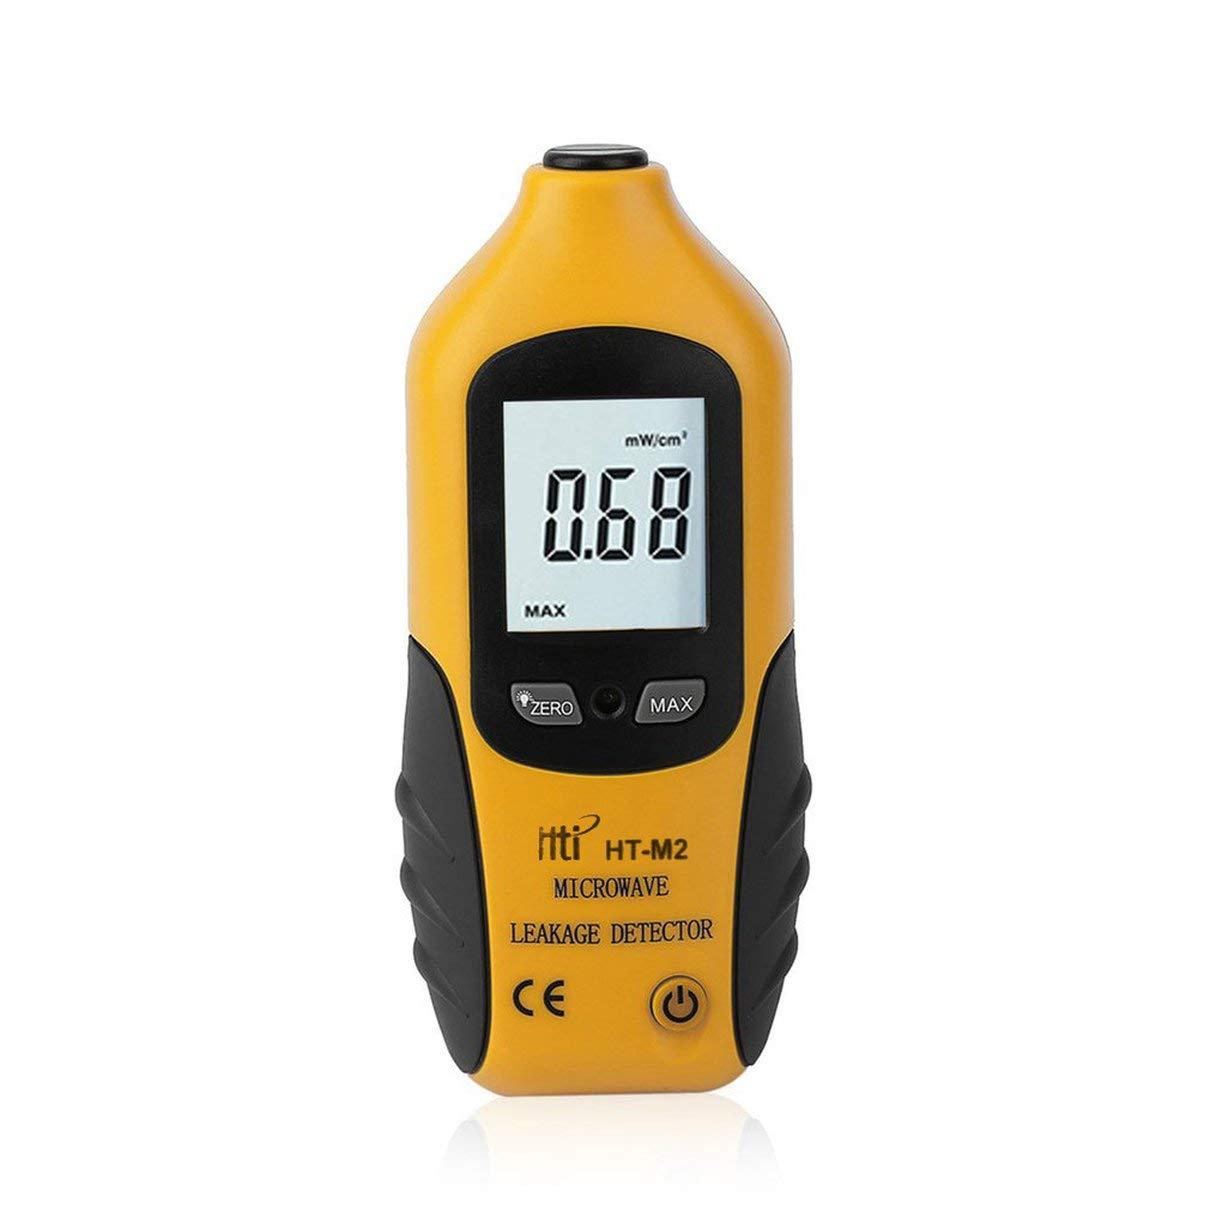 SaraHew74 Fit HT-M2 Professionnel /Écran Num/érique LCD D/étecteur de fuites micro-ondes Testeur de radiations de haute pr/écision 0-9.99mW cm2